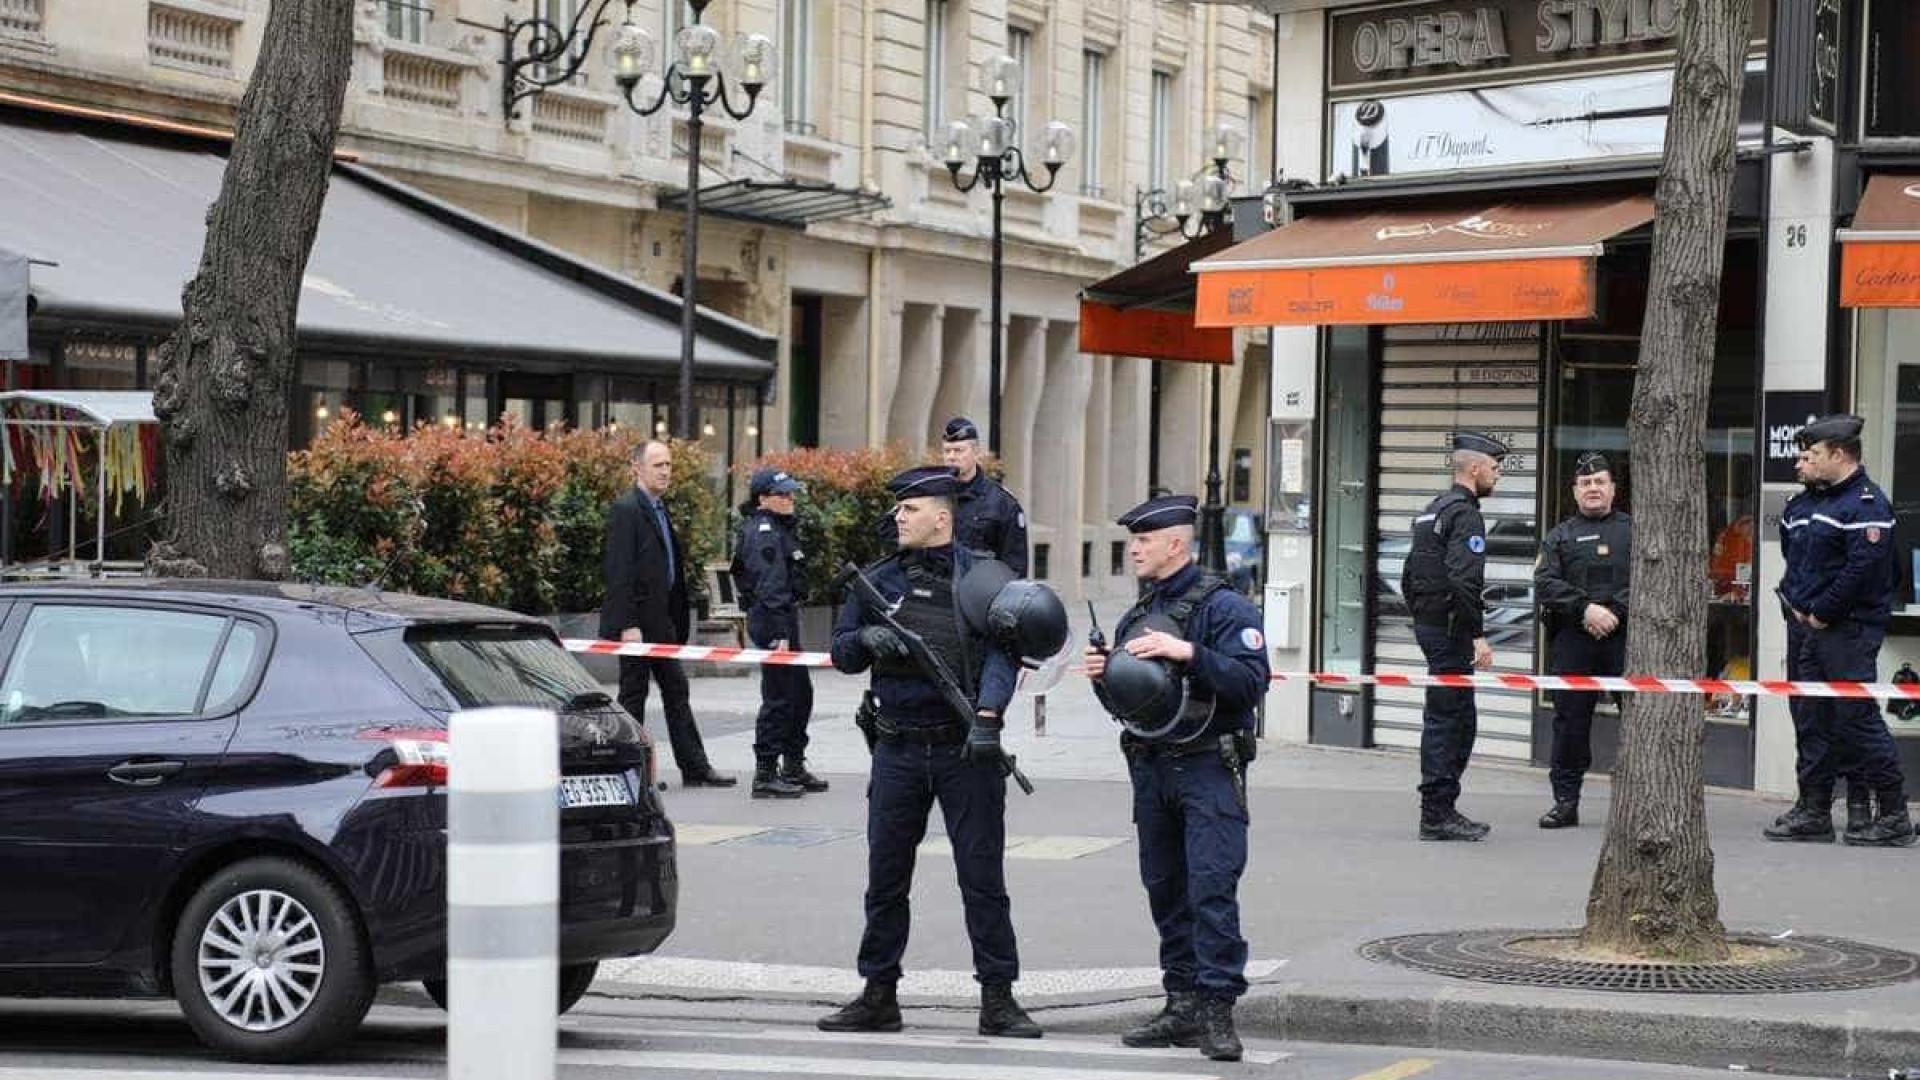 Tribunal em Paris é evacuado  por alerta de bomba nesta segunda